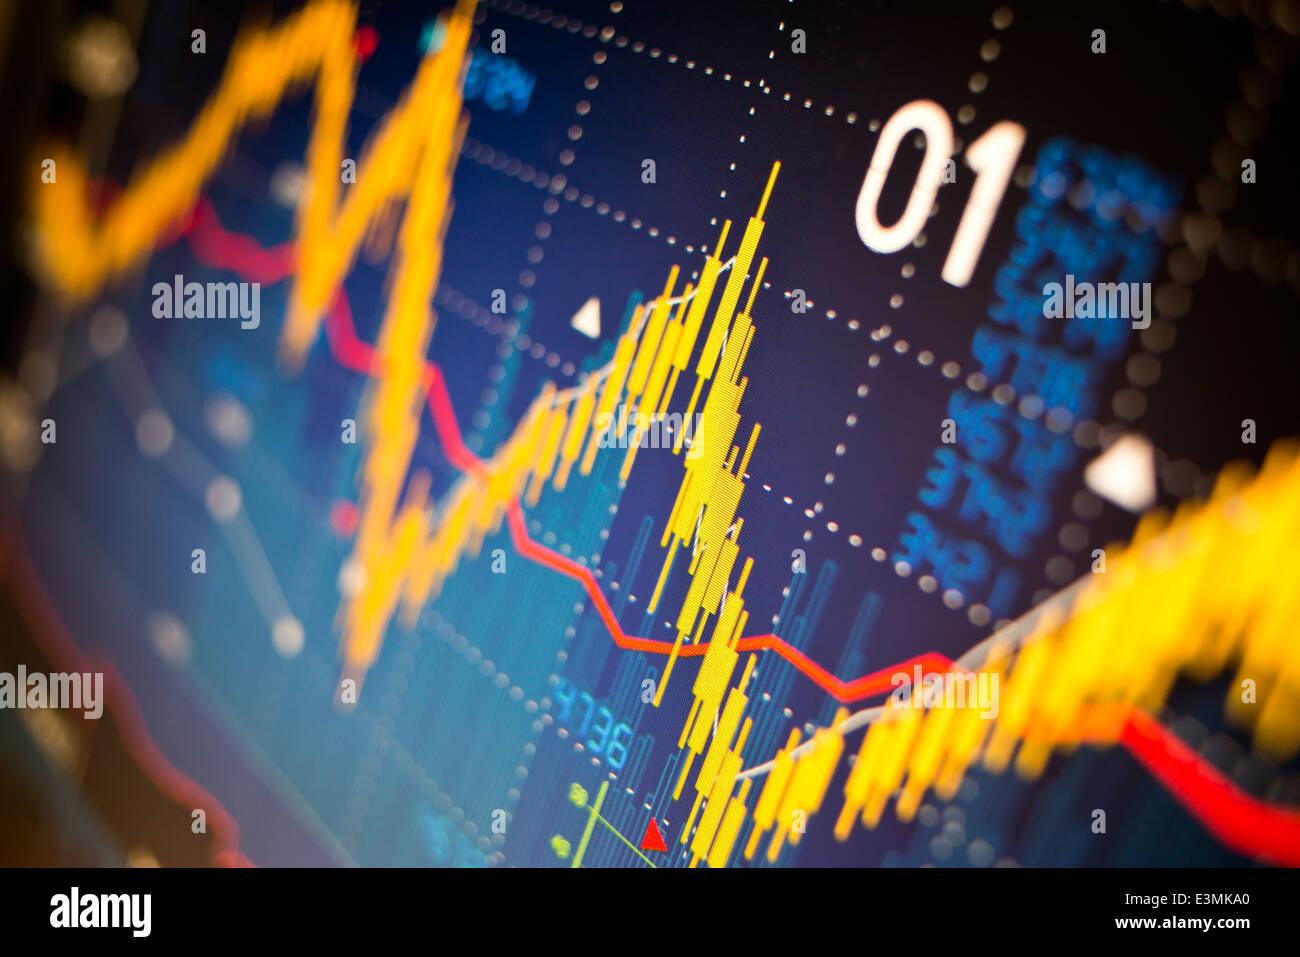 Índice bursátil gráficos de fondo. Imagen De Stock